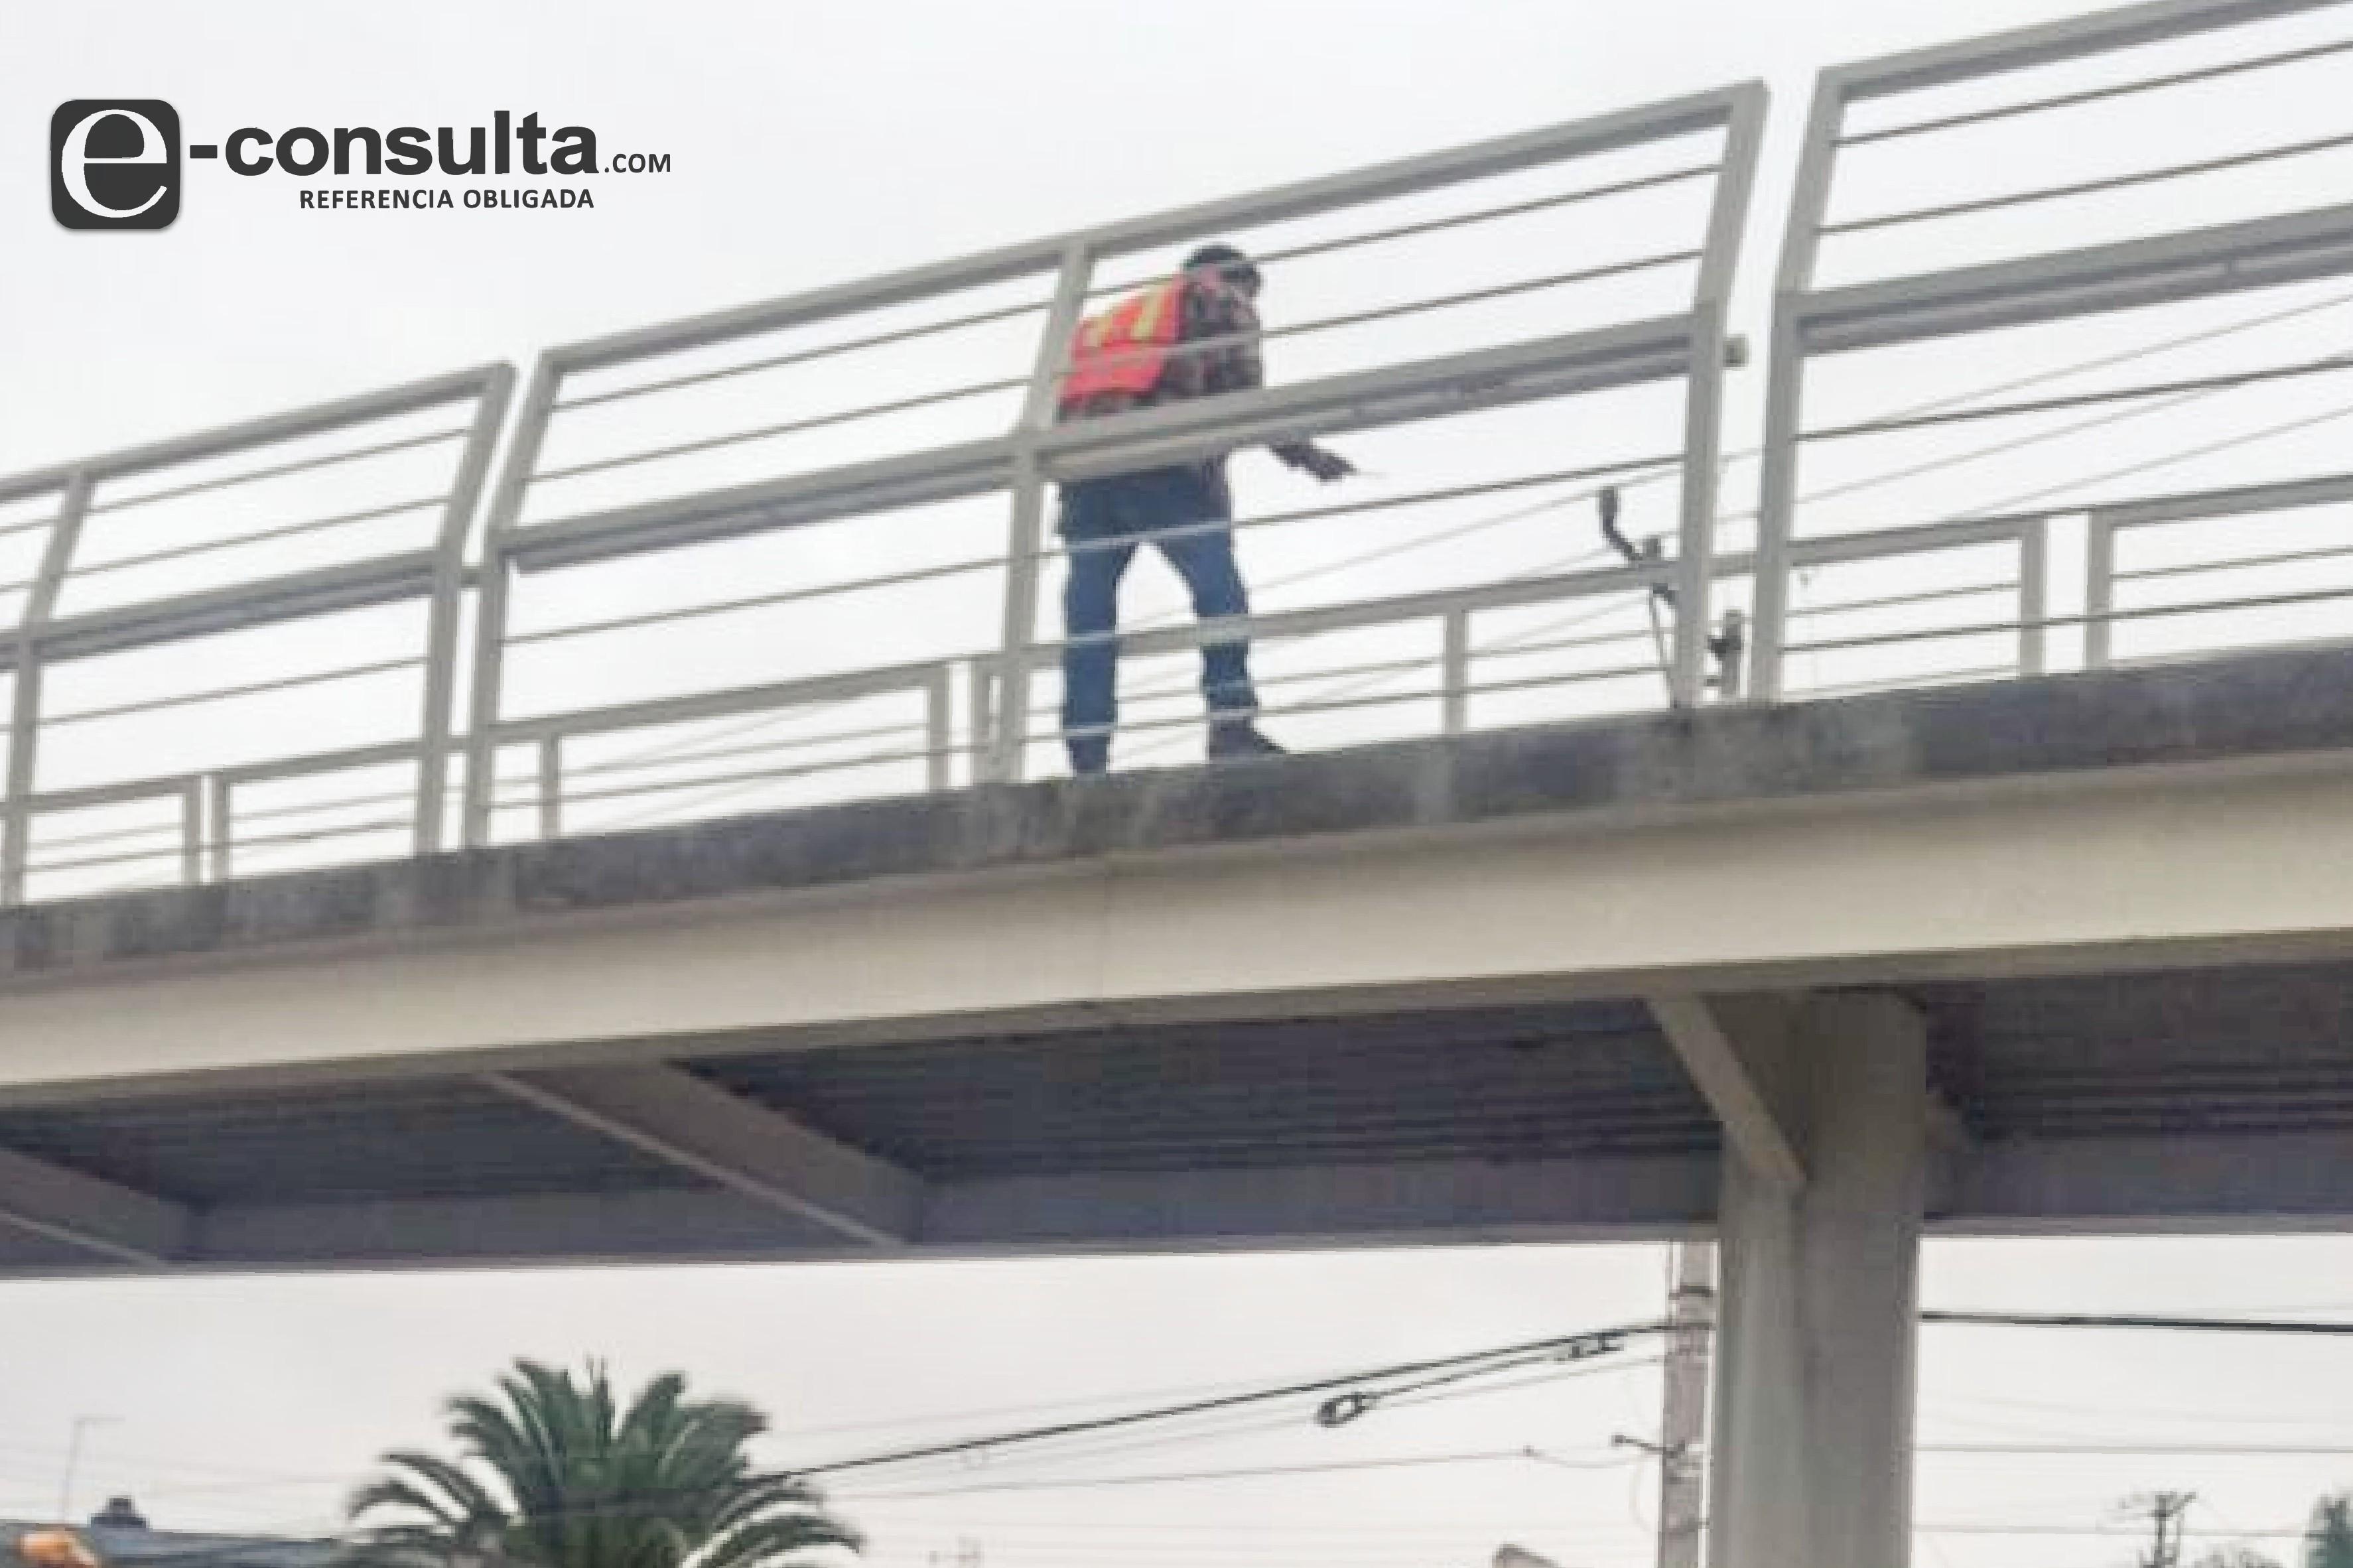 Había robado, sujeto que amenazó con lanzarse de puente